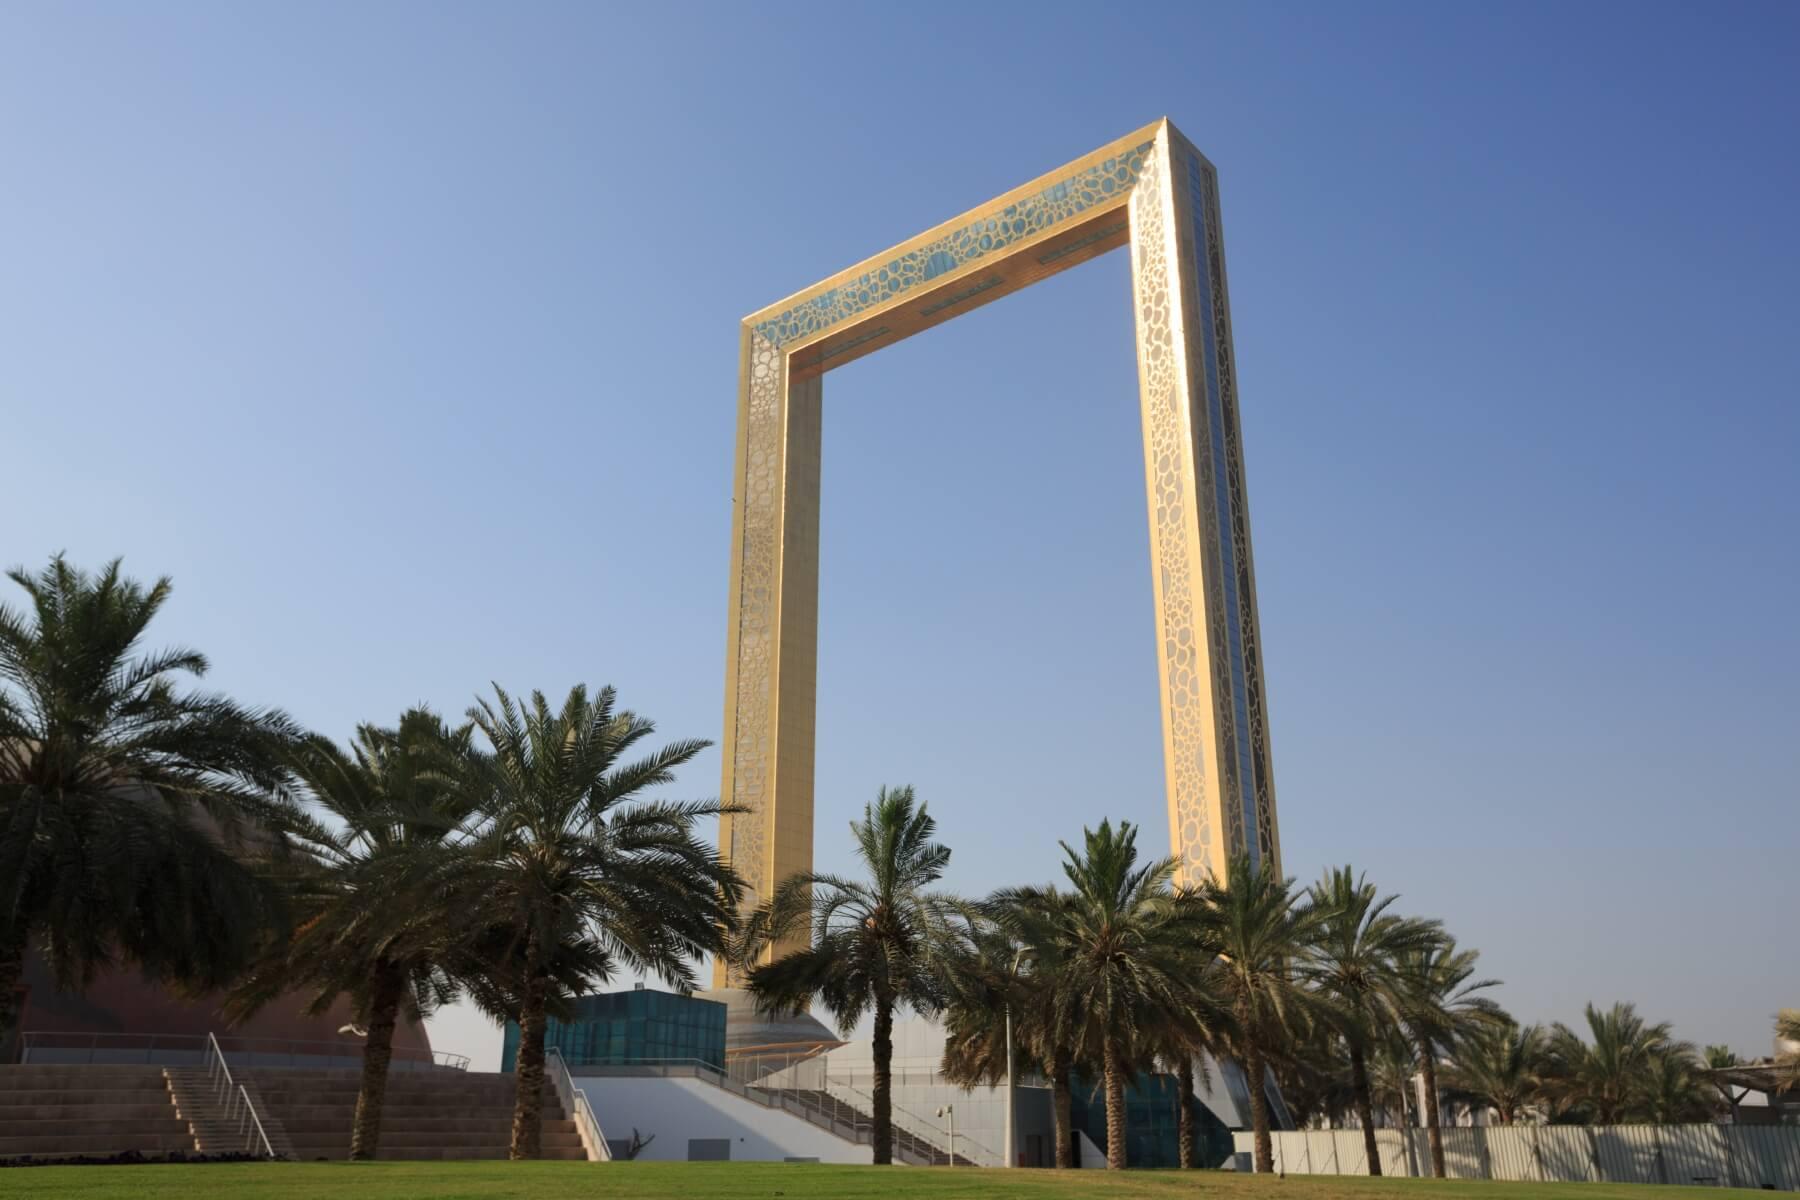 Außergewöhnliche Architektur in Dubai